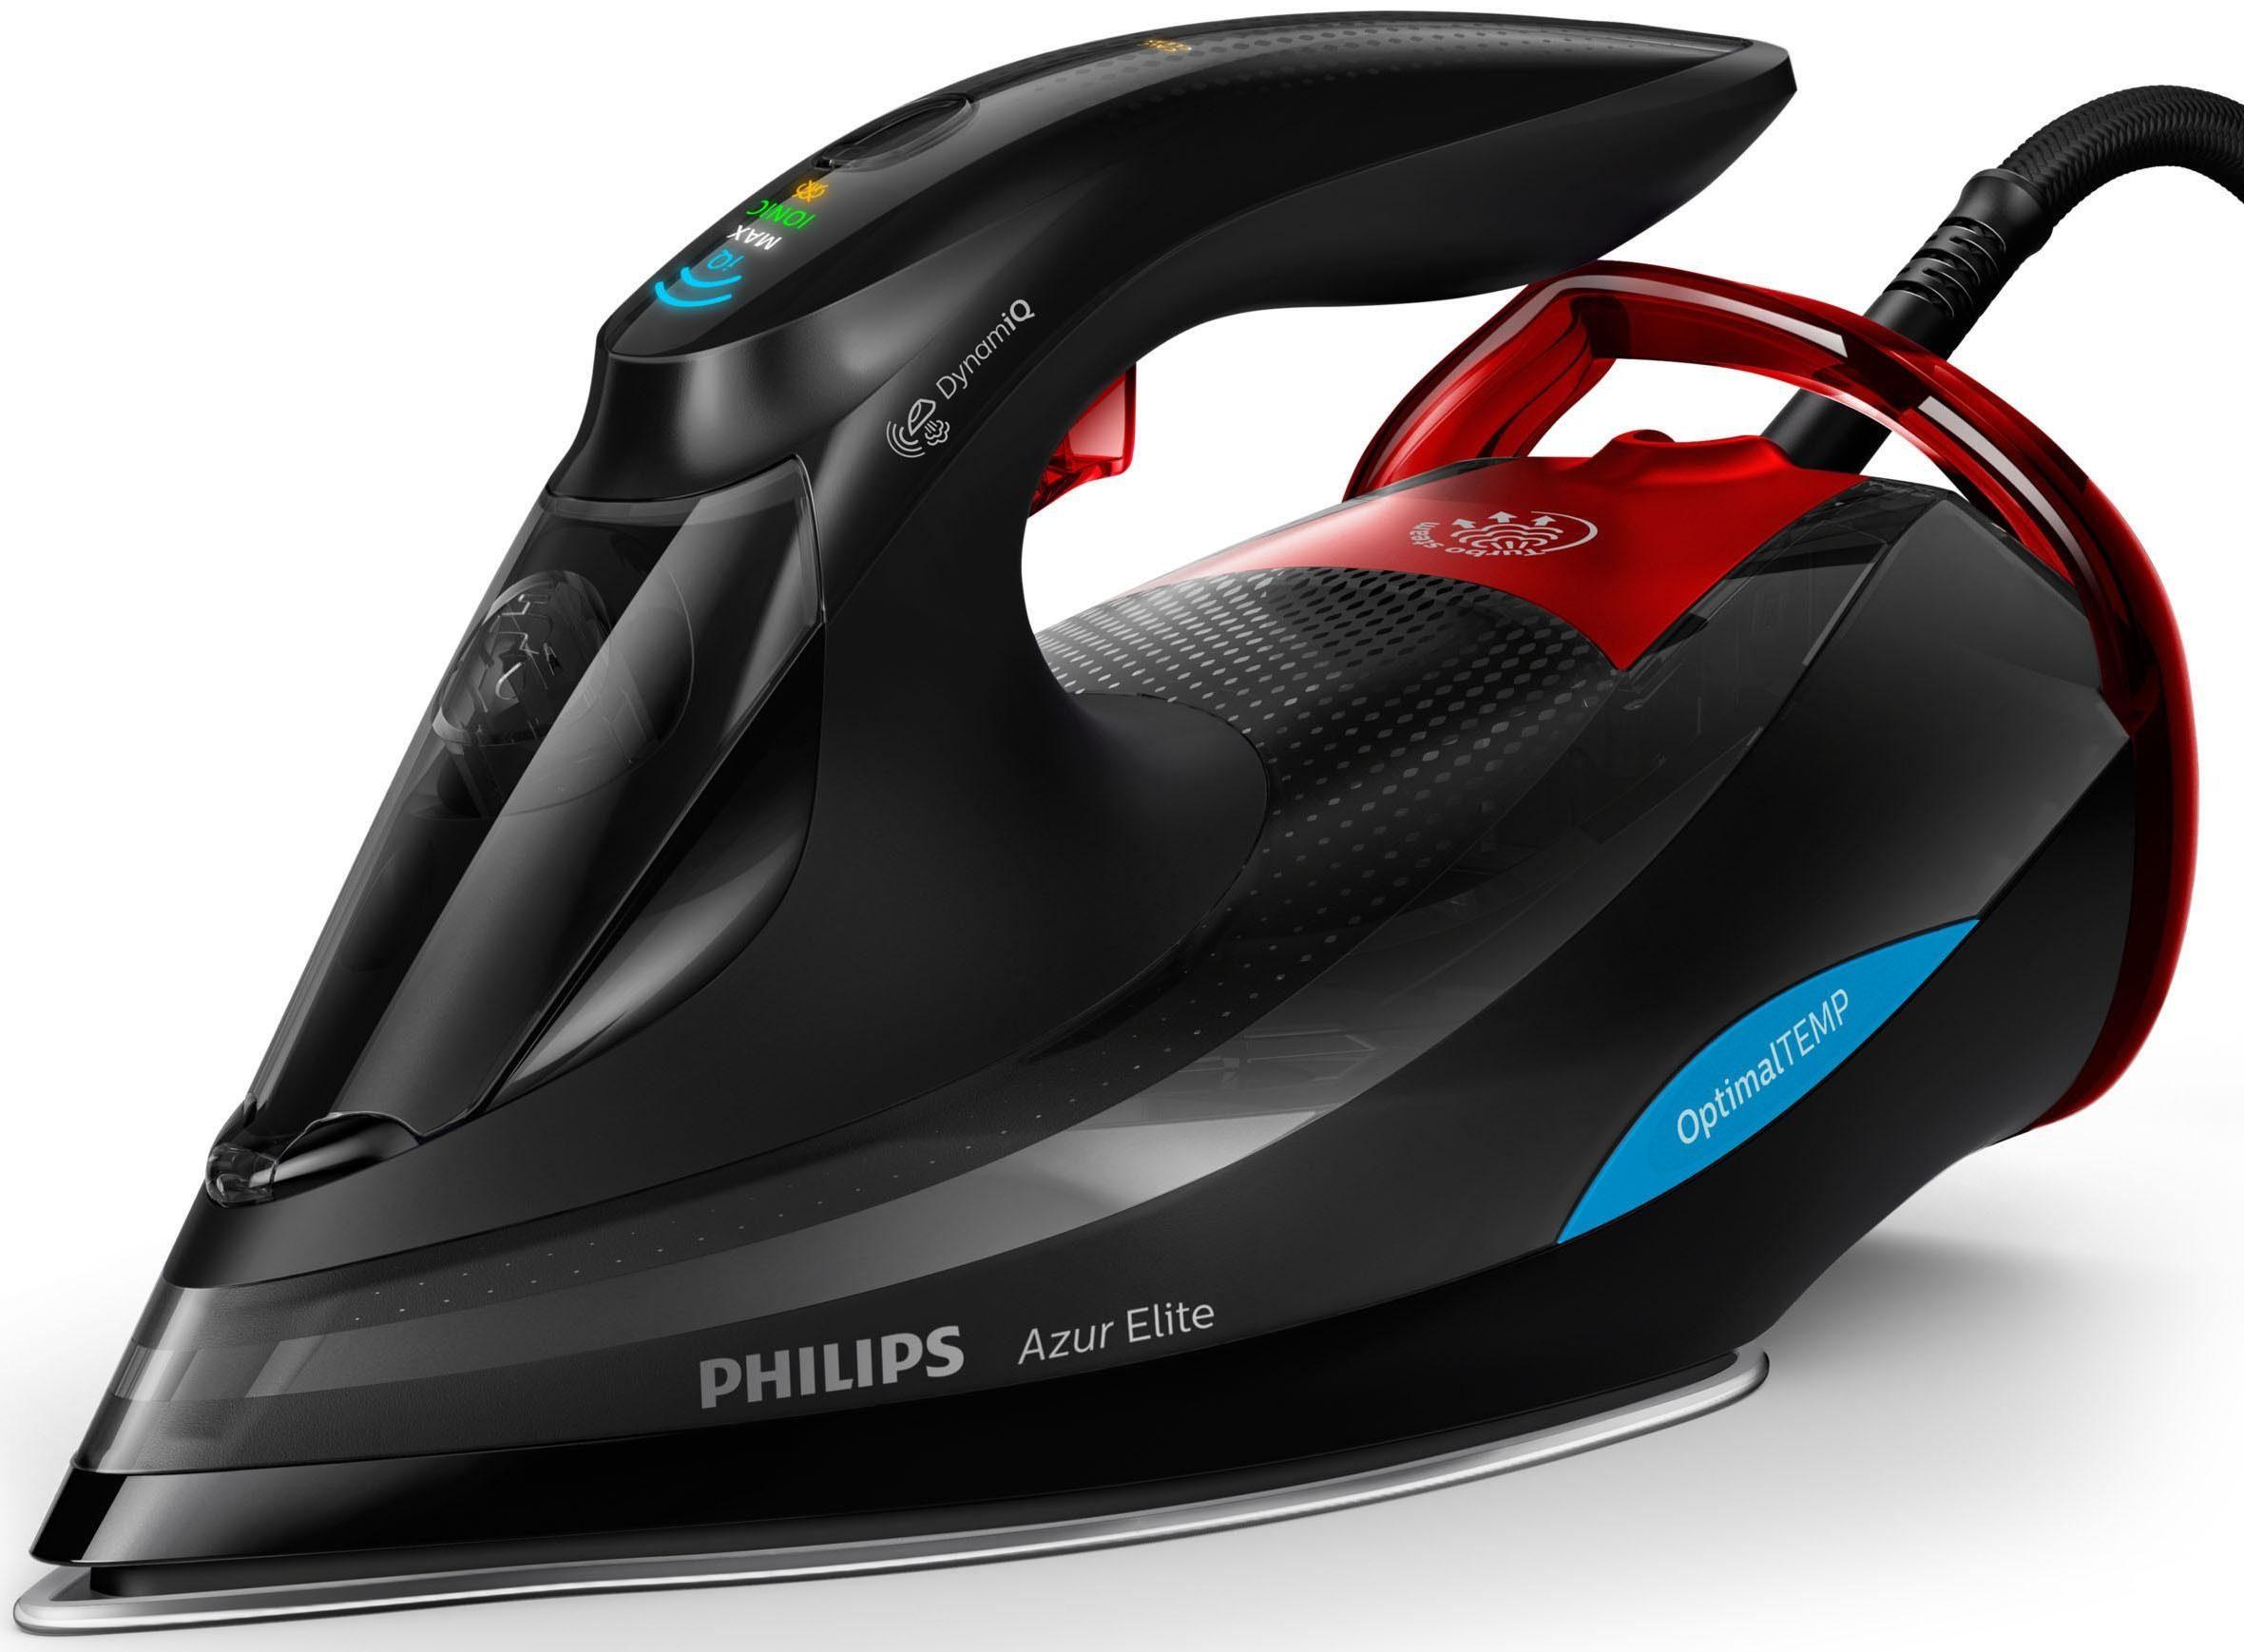 Philips Bügeleisen GC5037/80 Azur Elite, SteamGlide Advances Bügelsohle, 300 Watt